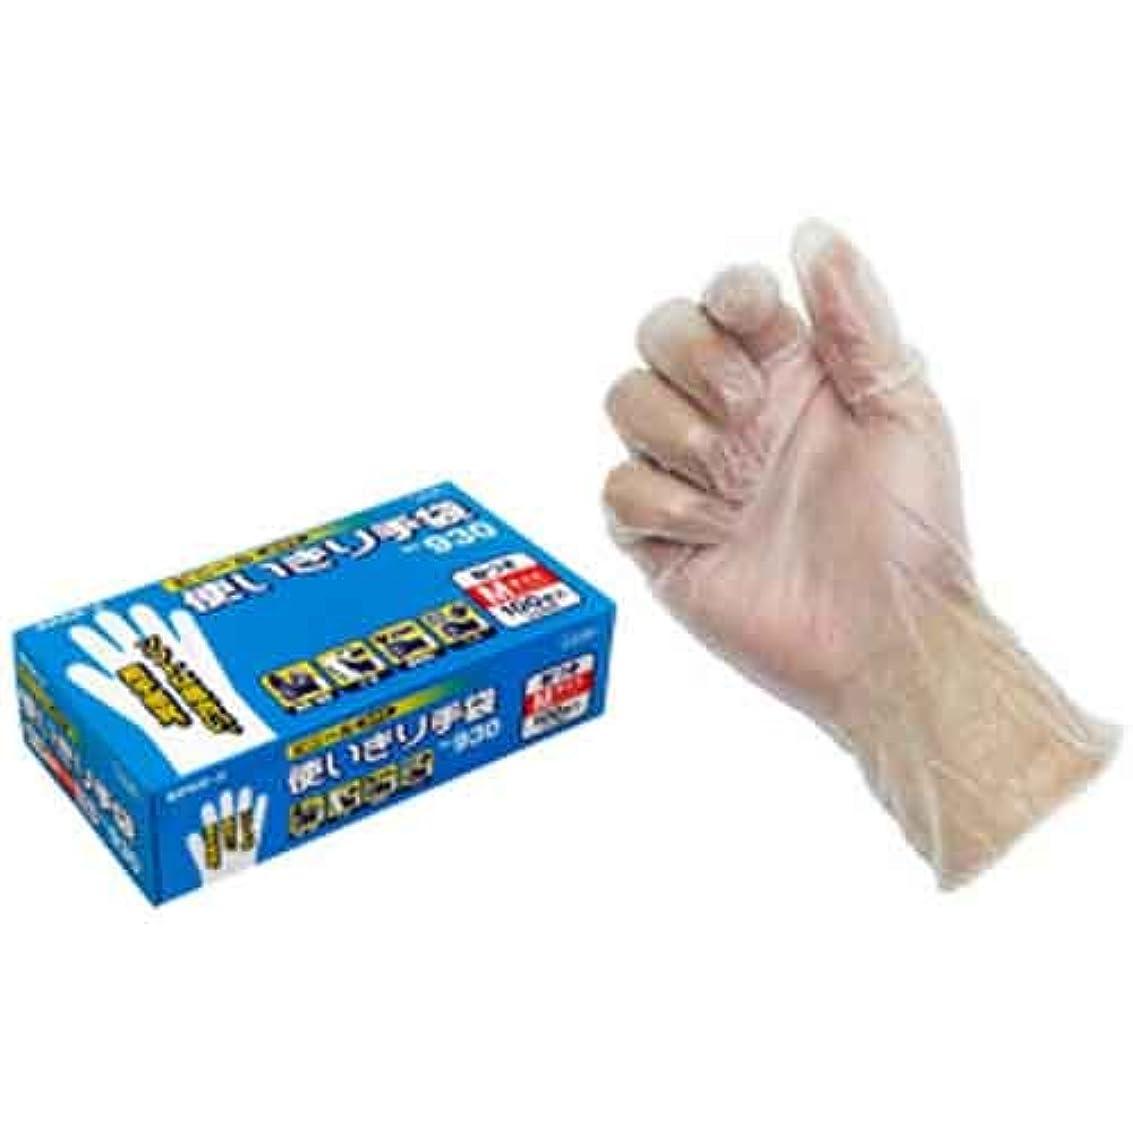 ドットメンダシティおもしろいビニール使いきり手袋(粉付)100枚入(箱) 930 M